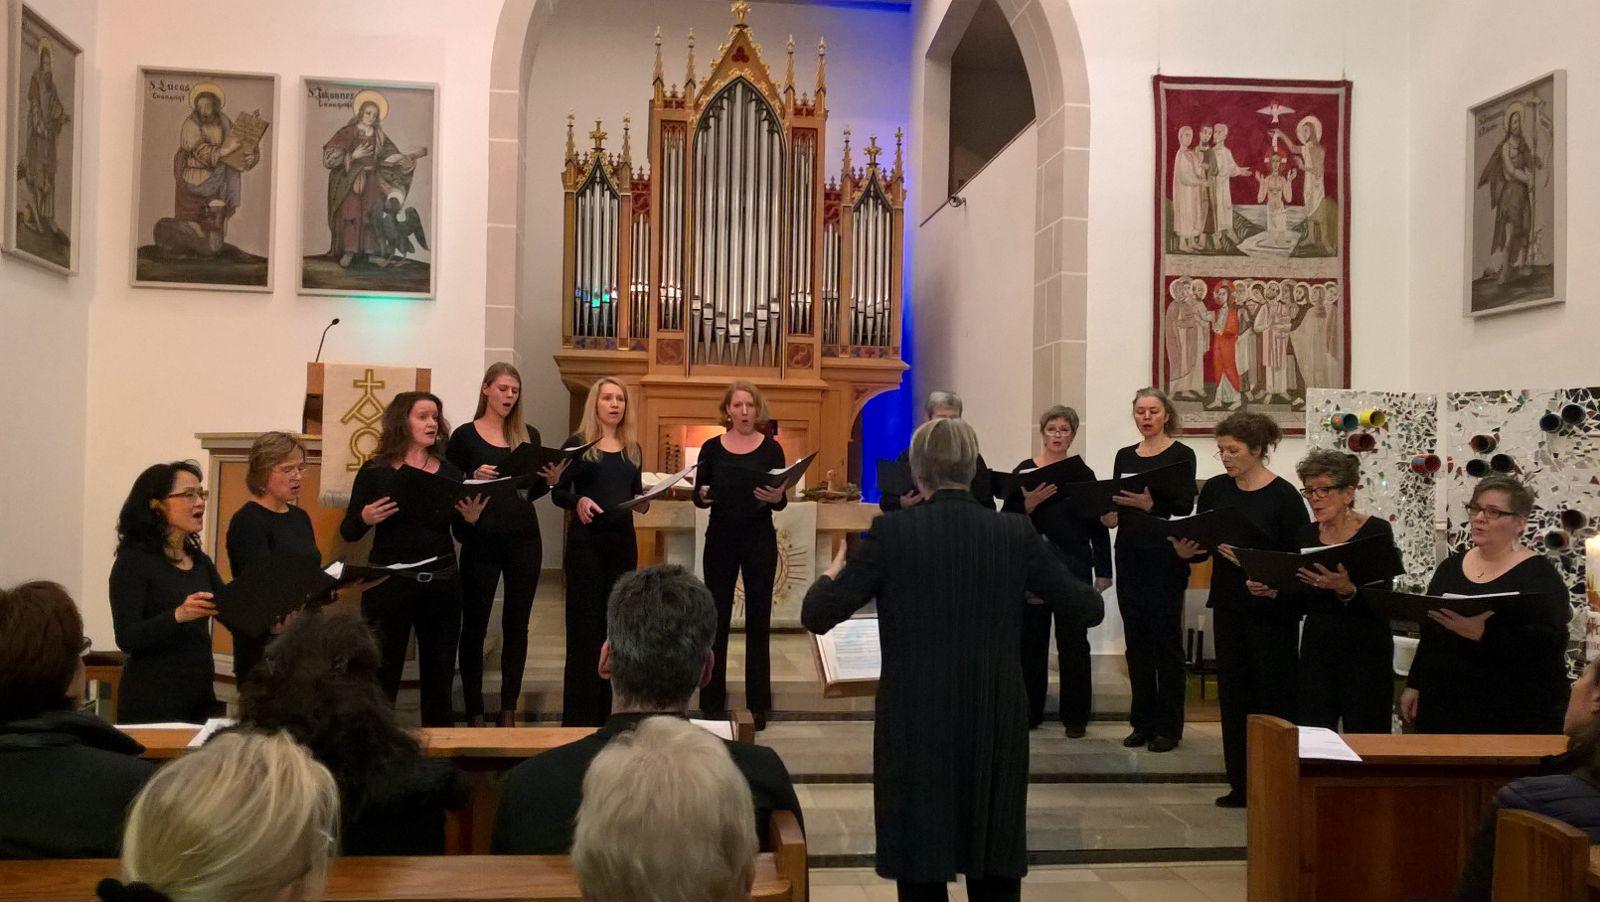 da pacem - Konzert 2016 -  in Schlaitdorf